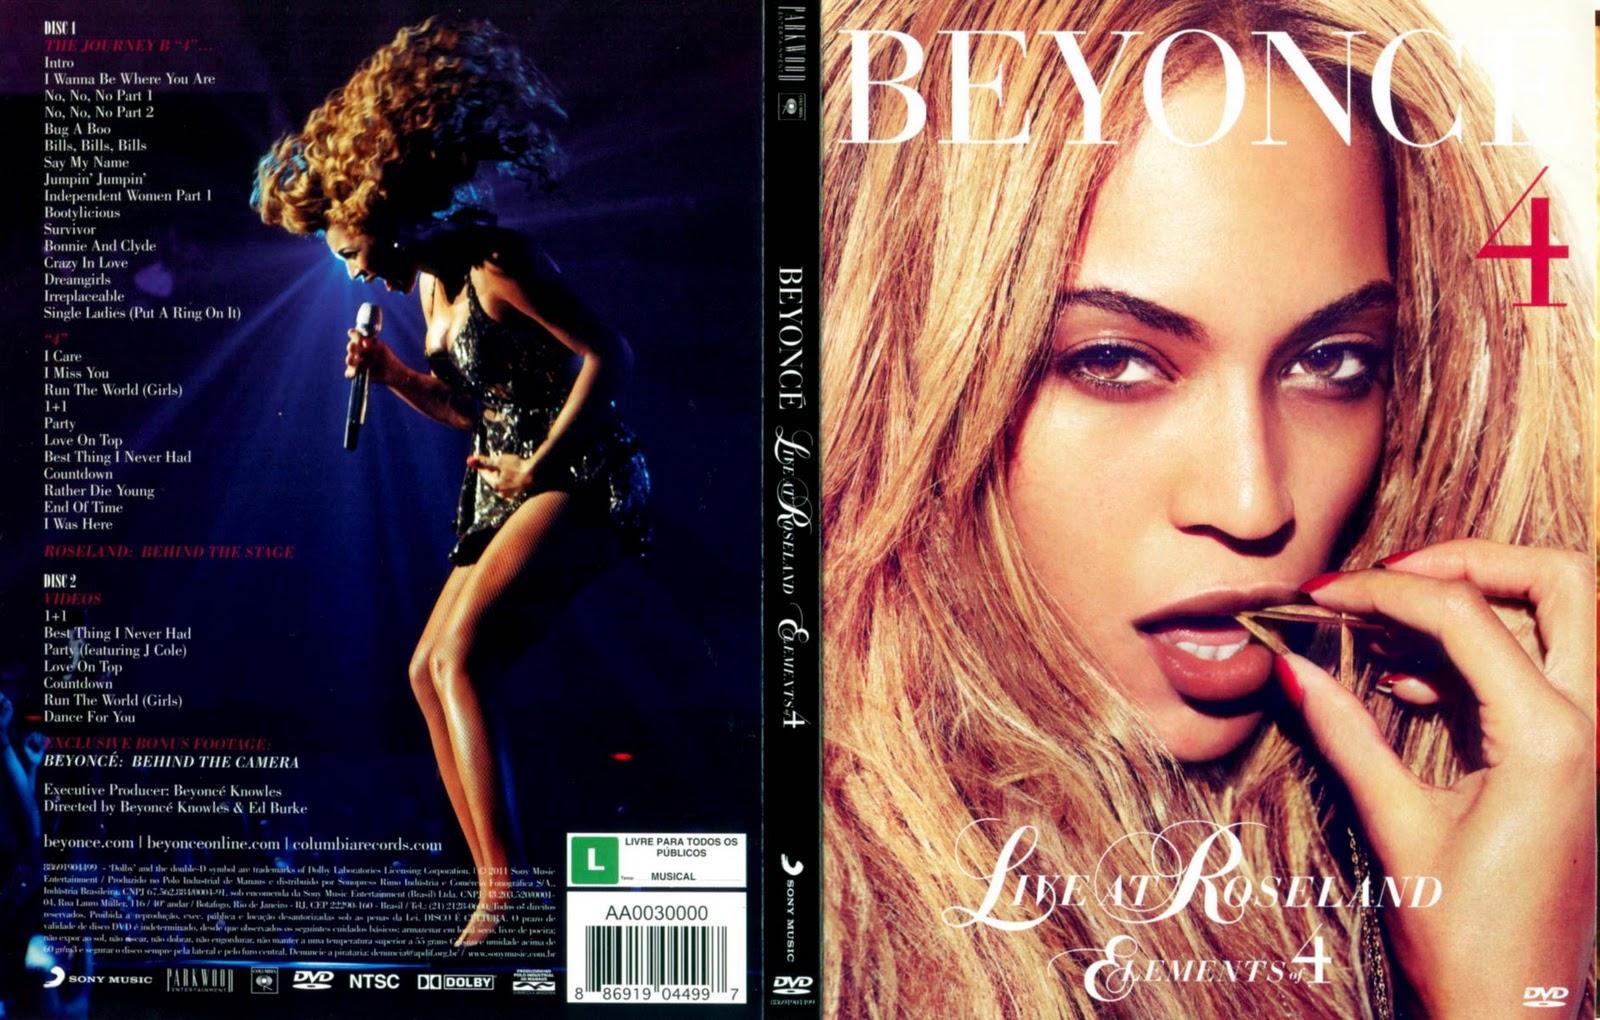 http://2.bp.blogspot.com/-YUePf-G6fwQ/TteJkdb0ZiI/AAAAAAAAQus/r7r_IZhXRao/s1600/Beyonce+-+Live+At+Roseland+Elements+4.jpg